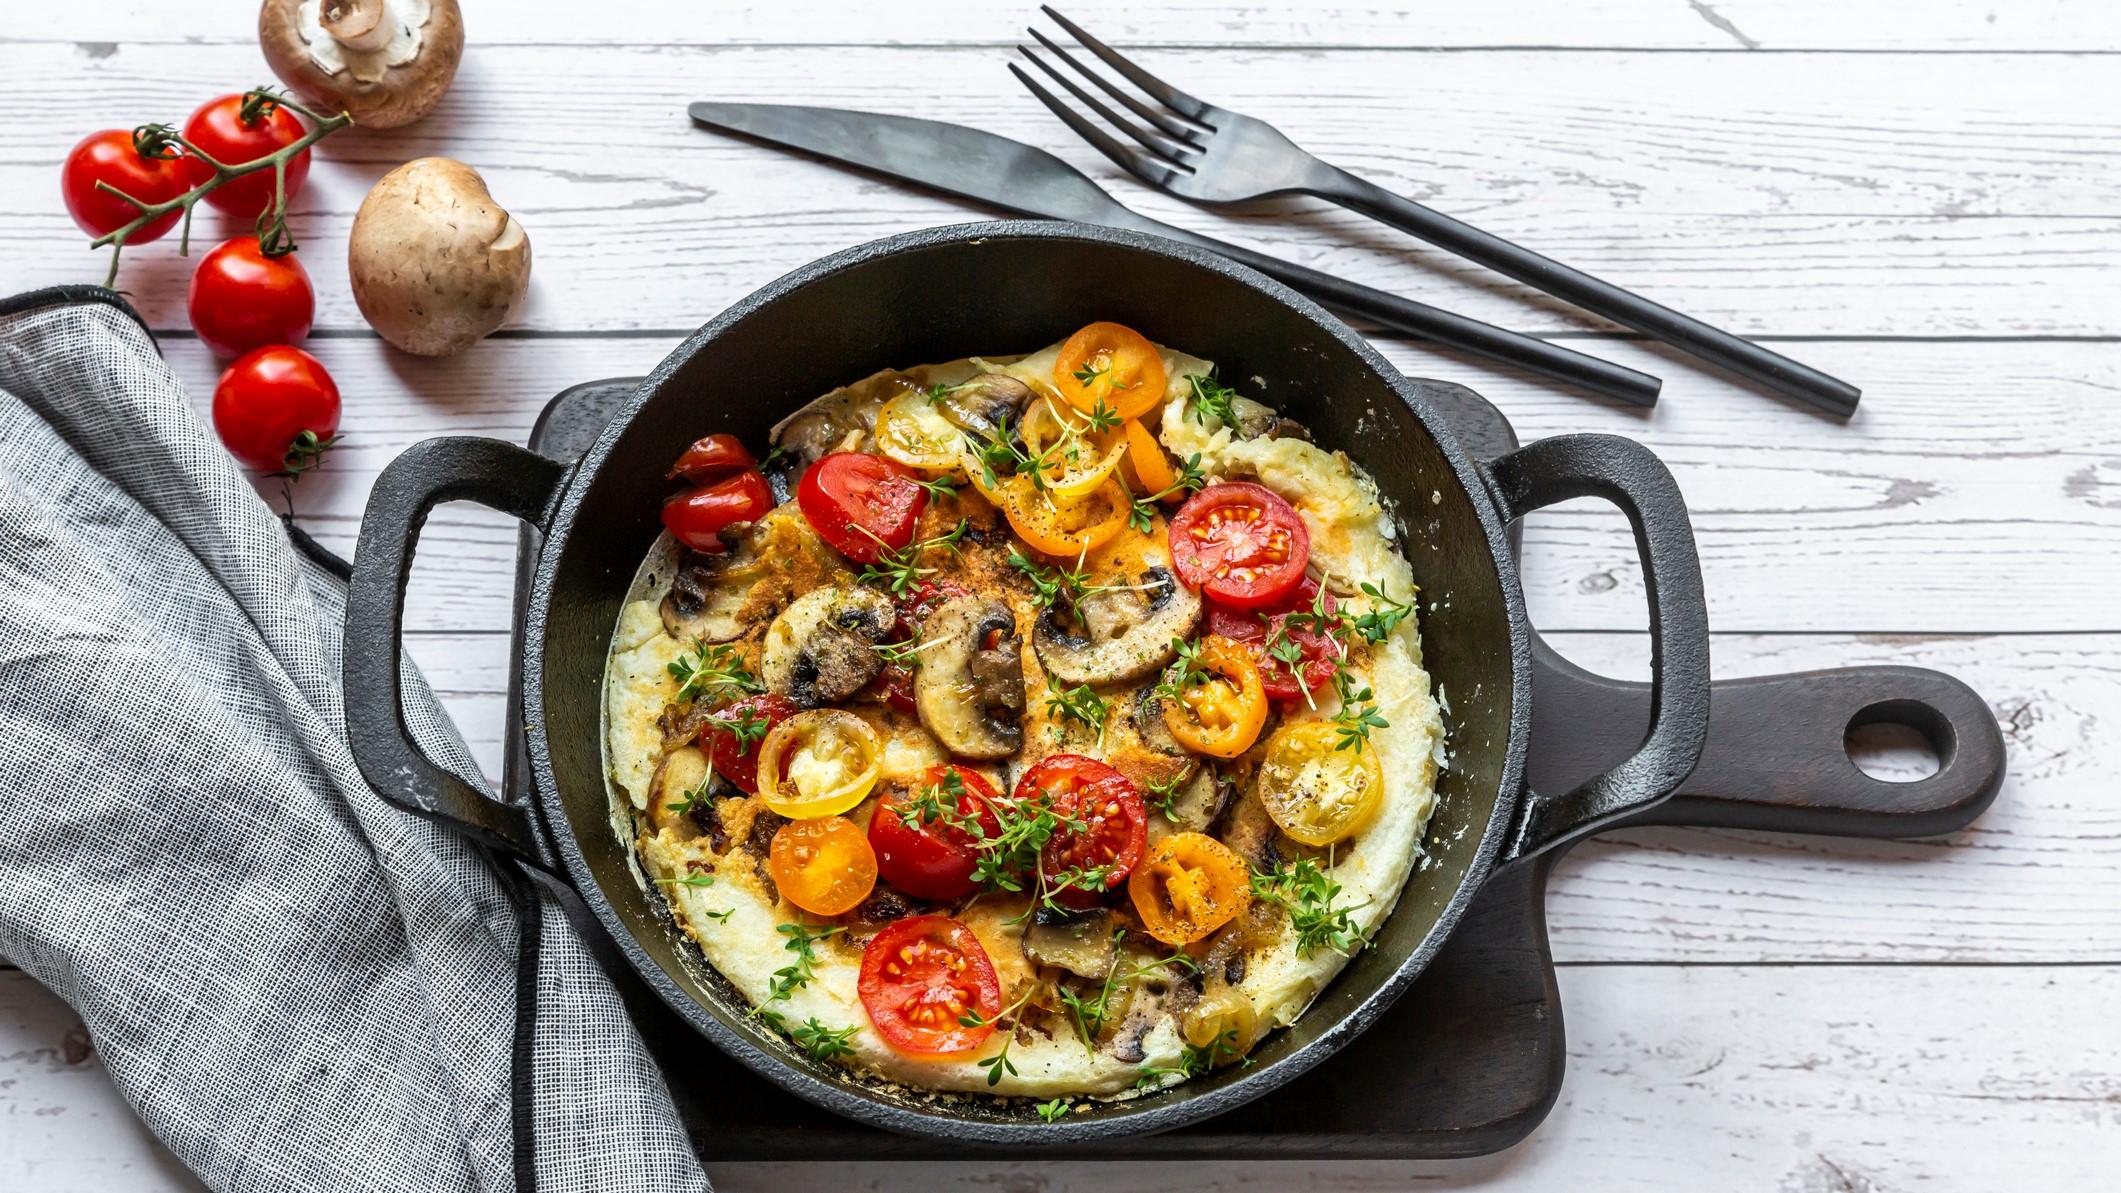 Eine gusseiserne Pfanne mit einem Omelett mit Pilzen und Tomaten sowie Oregano in der Draufsicht auf hellem Untergrund. Daneben liegen Besteck, ein paar Tomaten und Pilze sowie ein Geschirrtuch.